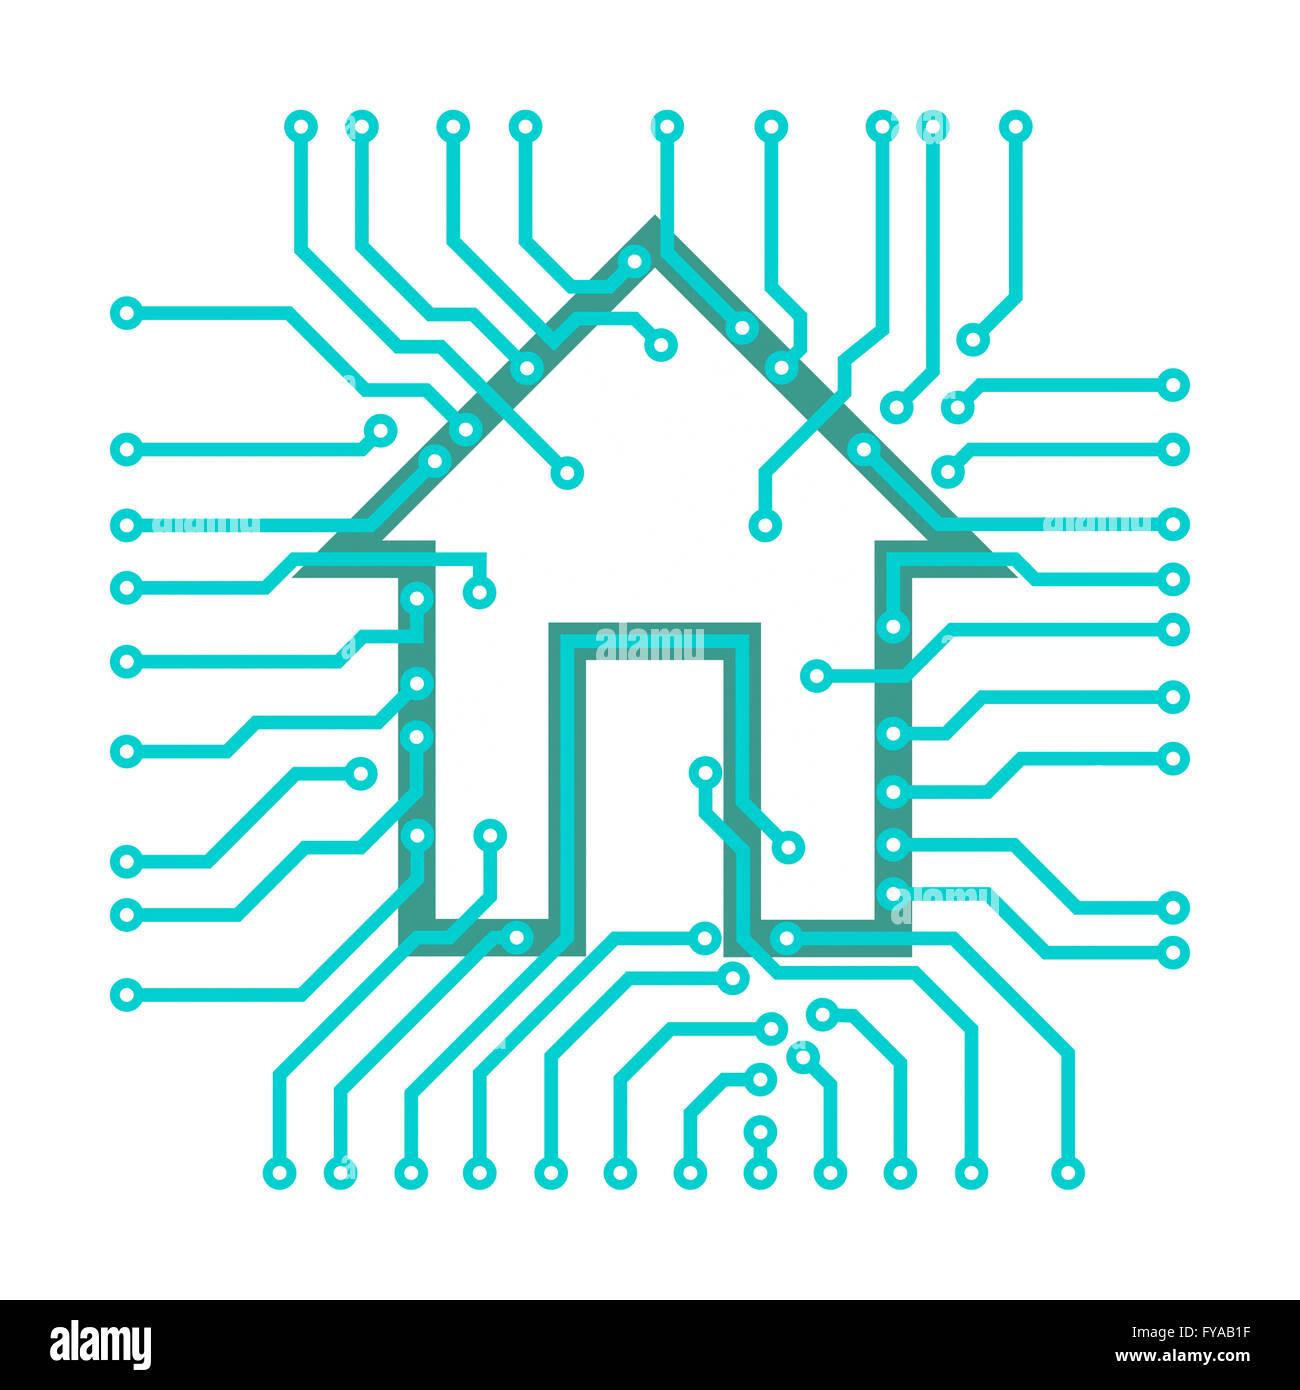 Beste Schaltkreise In Einem Haus Ideen - Der Schaltplan - triangre.info